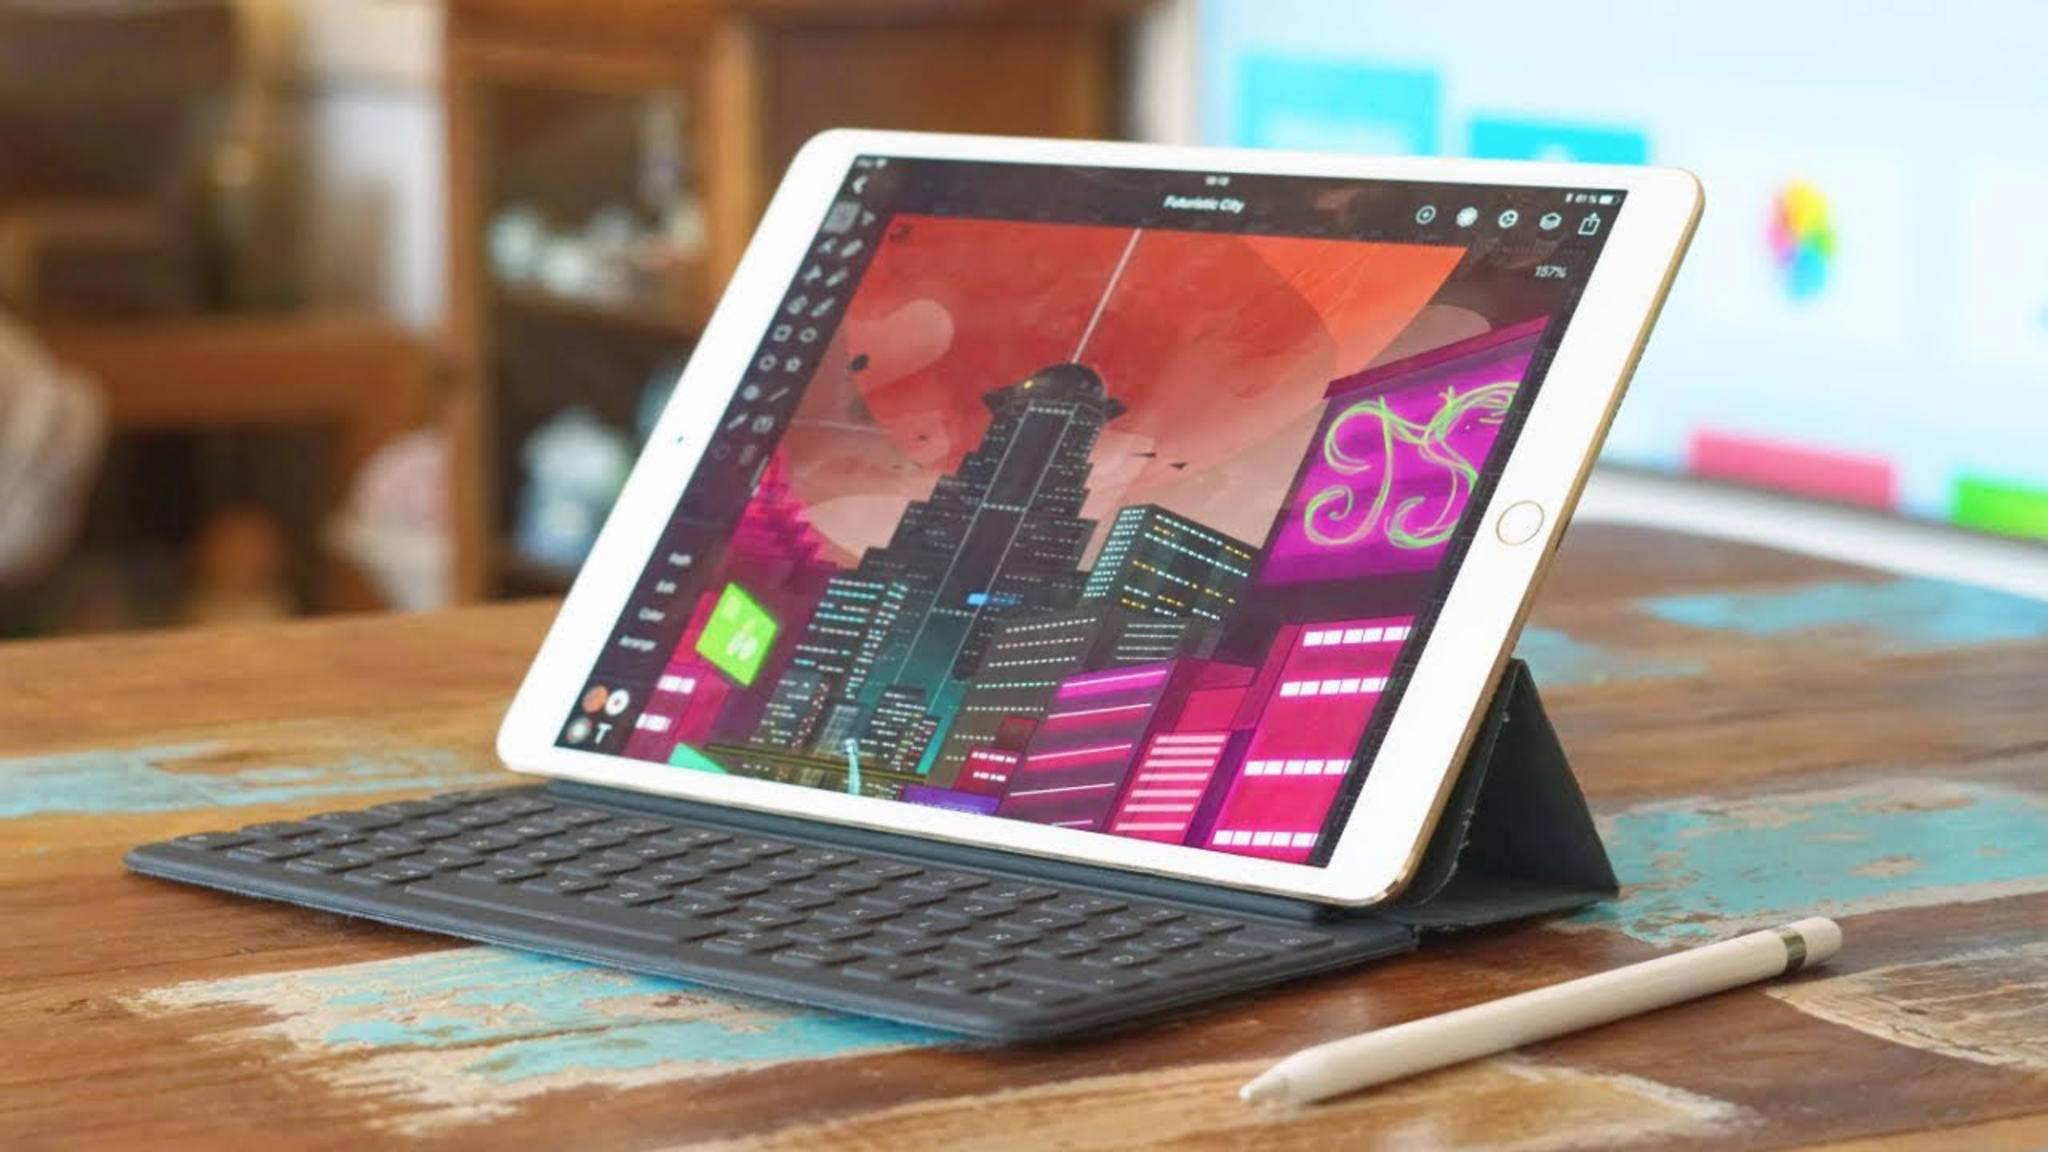 Das iPad ist für Multitasking geradezu prädestiniert – wir haben alle Infos dazu.